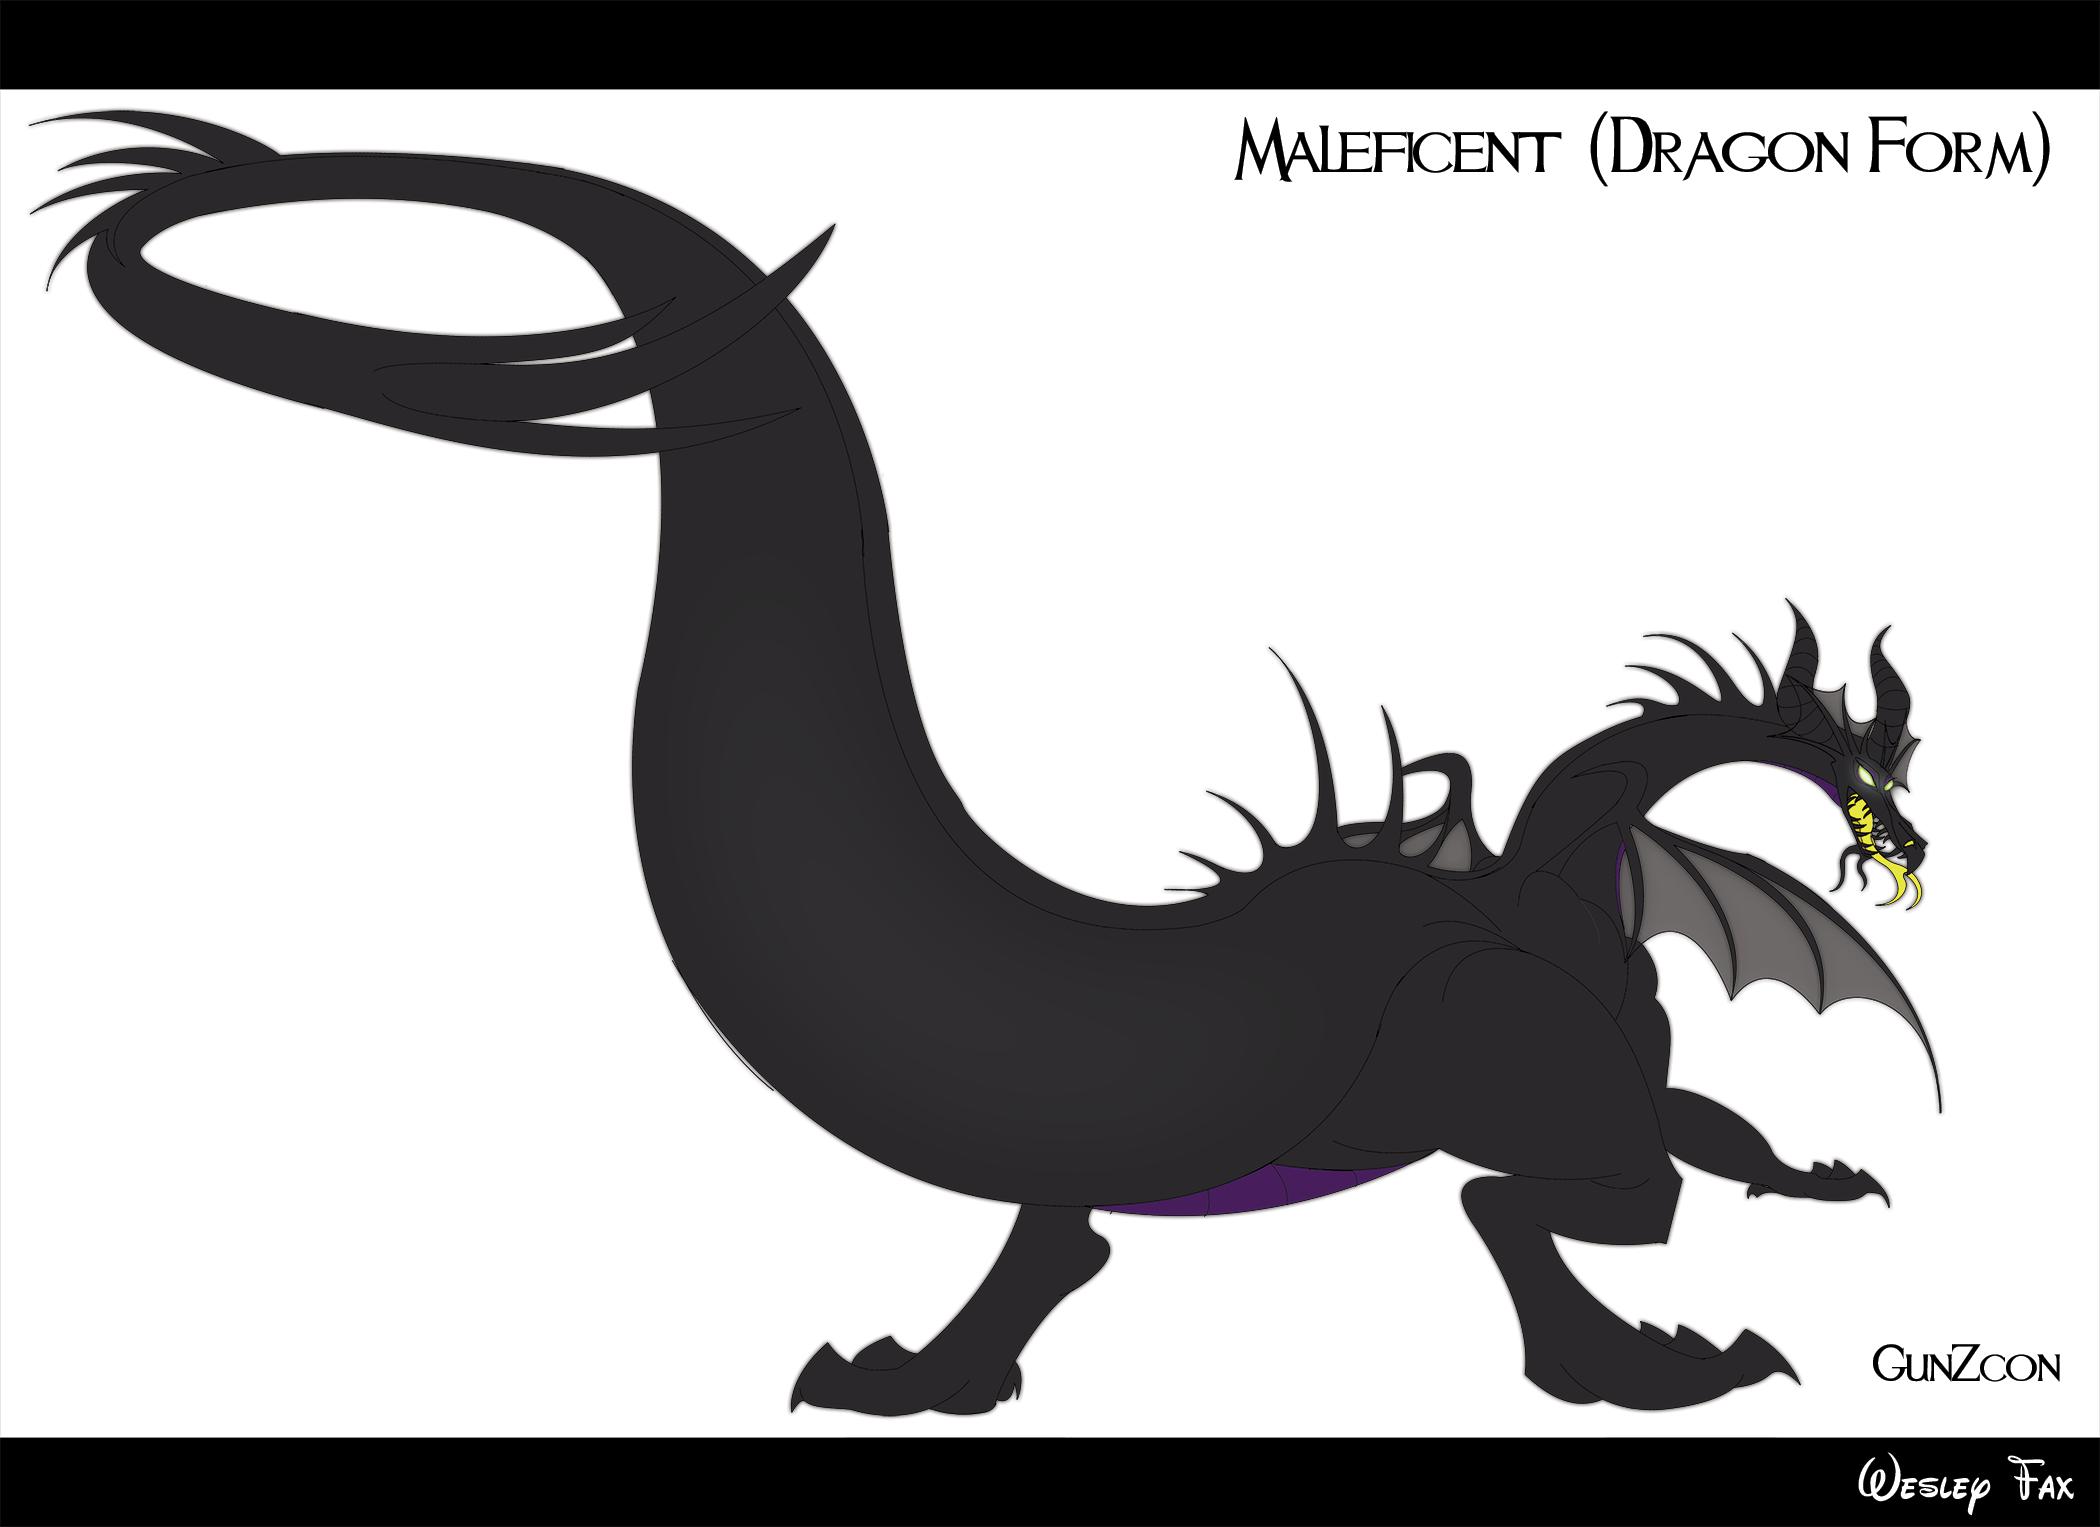 dragon maleficent by gunzcon on deviantart